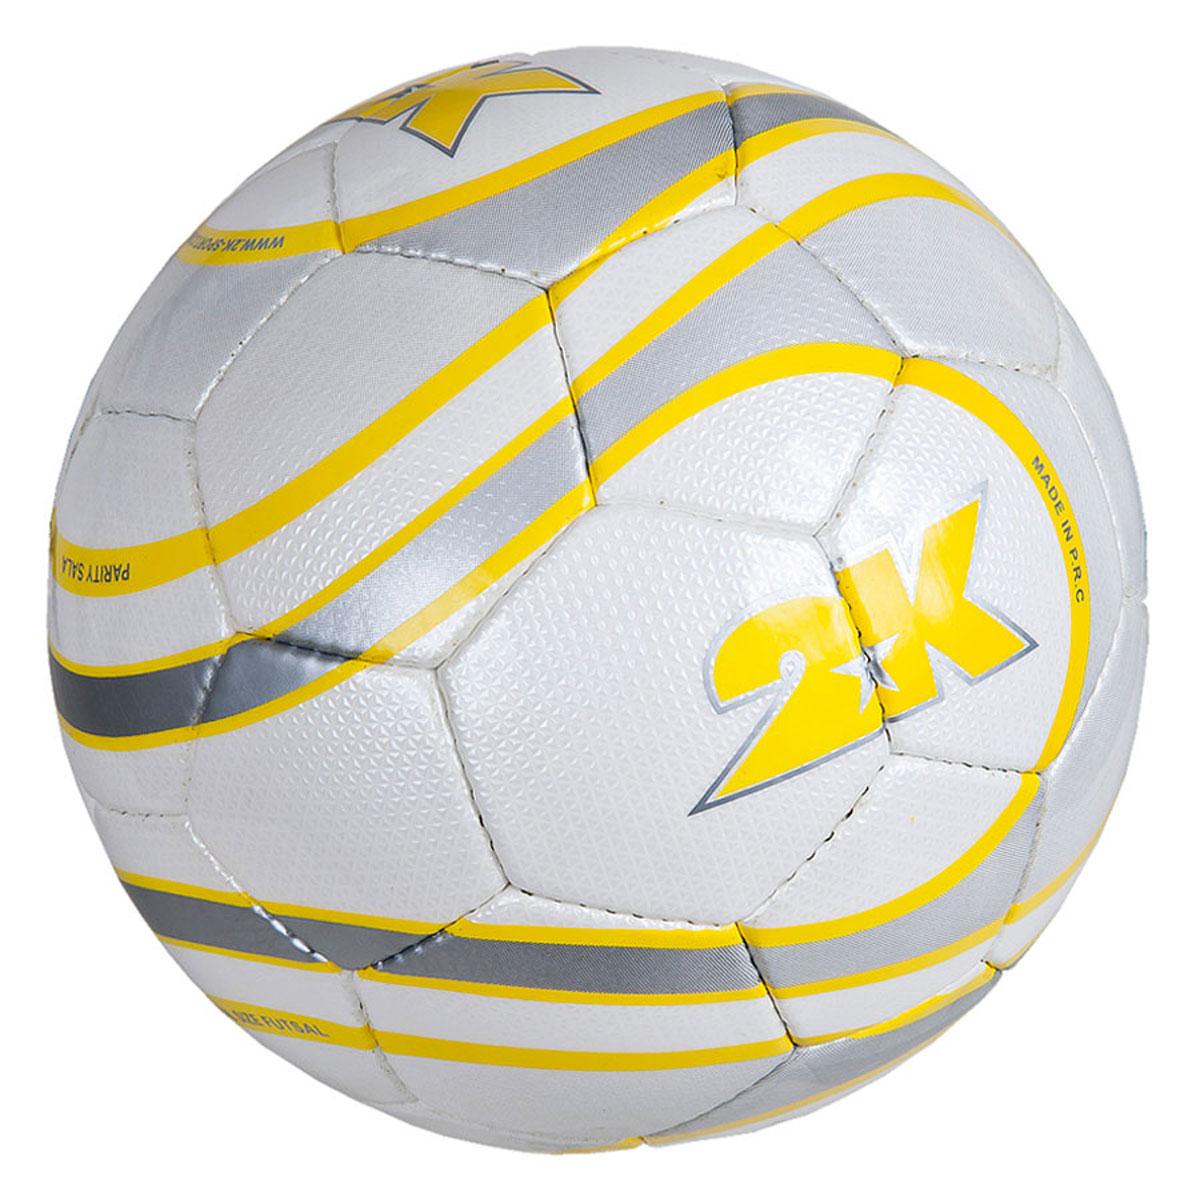 Мяч мини-футбольный 2K Sport Parity, цвет: белый, желтый, серый. 127079. Размер 4